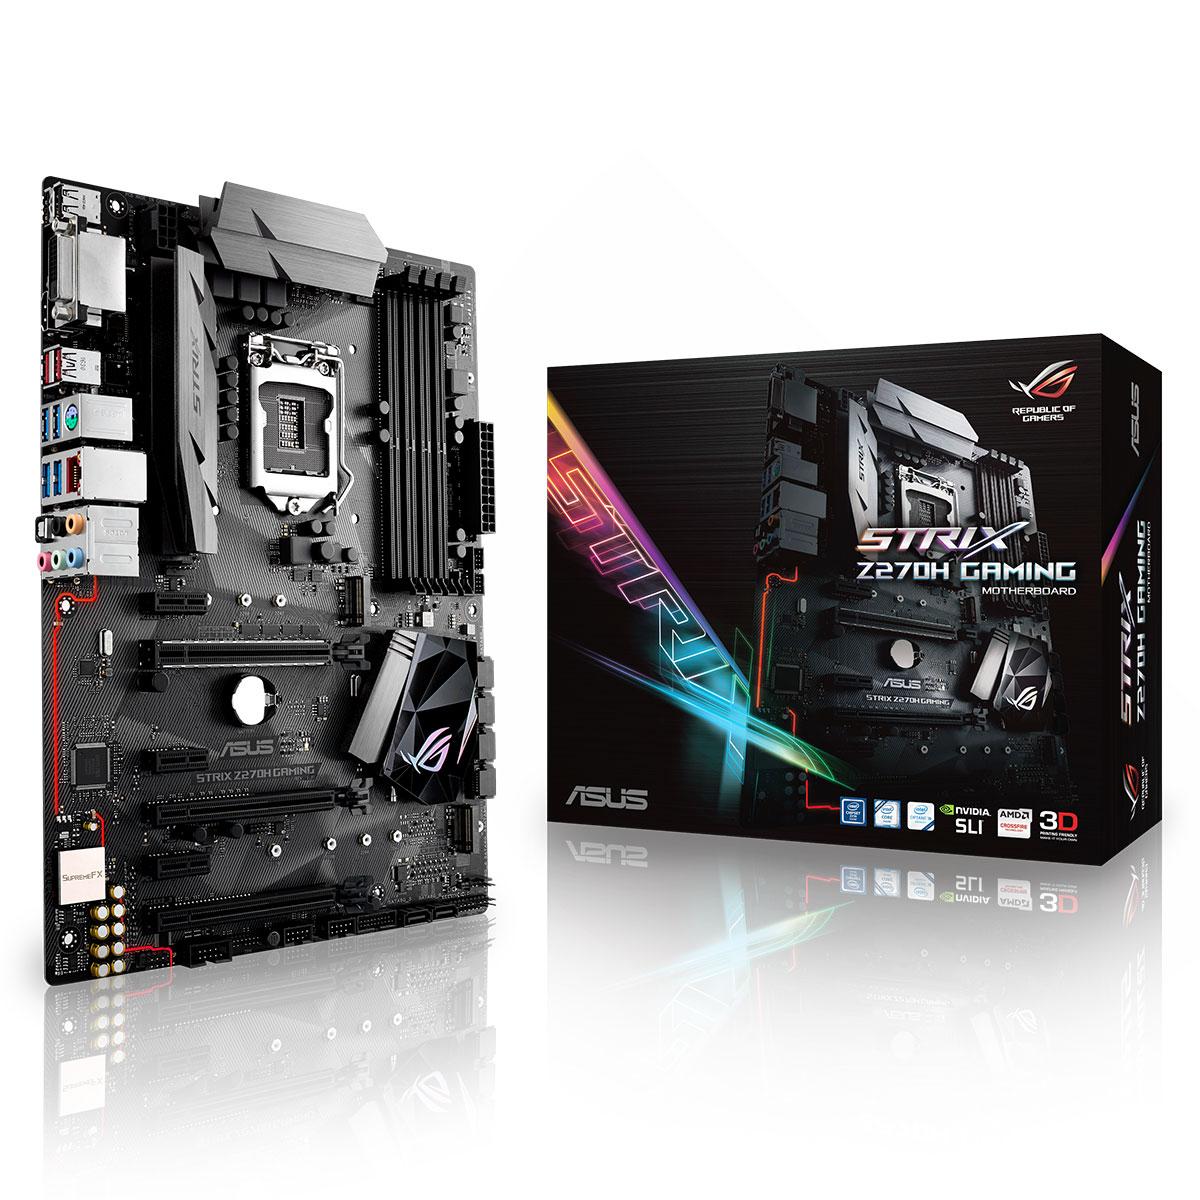 Séléction de carte mères Intel Z270 en soldes - Ex : Asus ROG Strix Z270H Gaming à